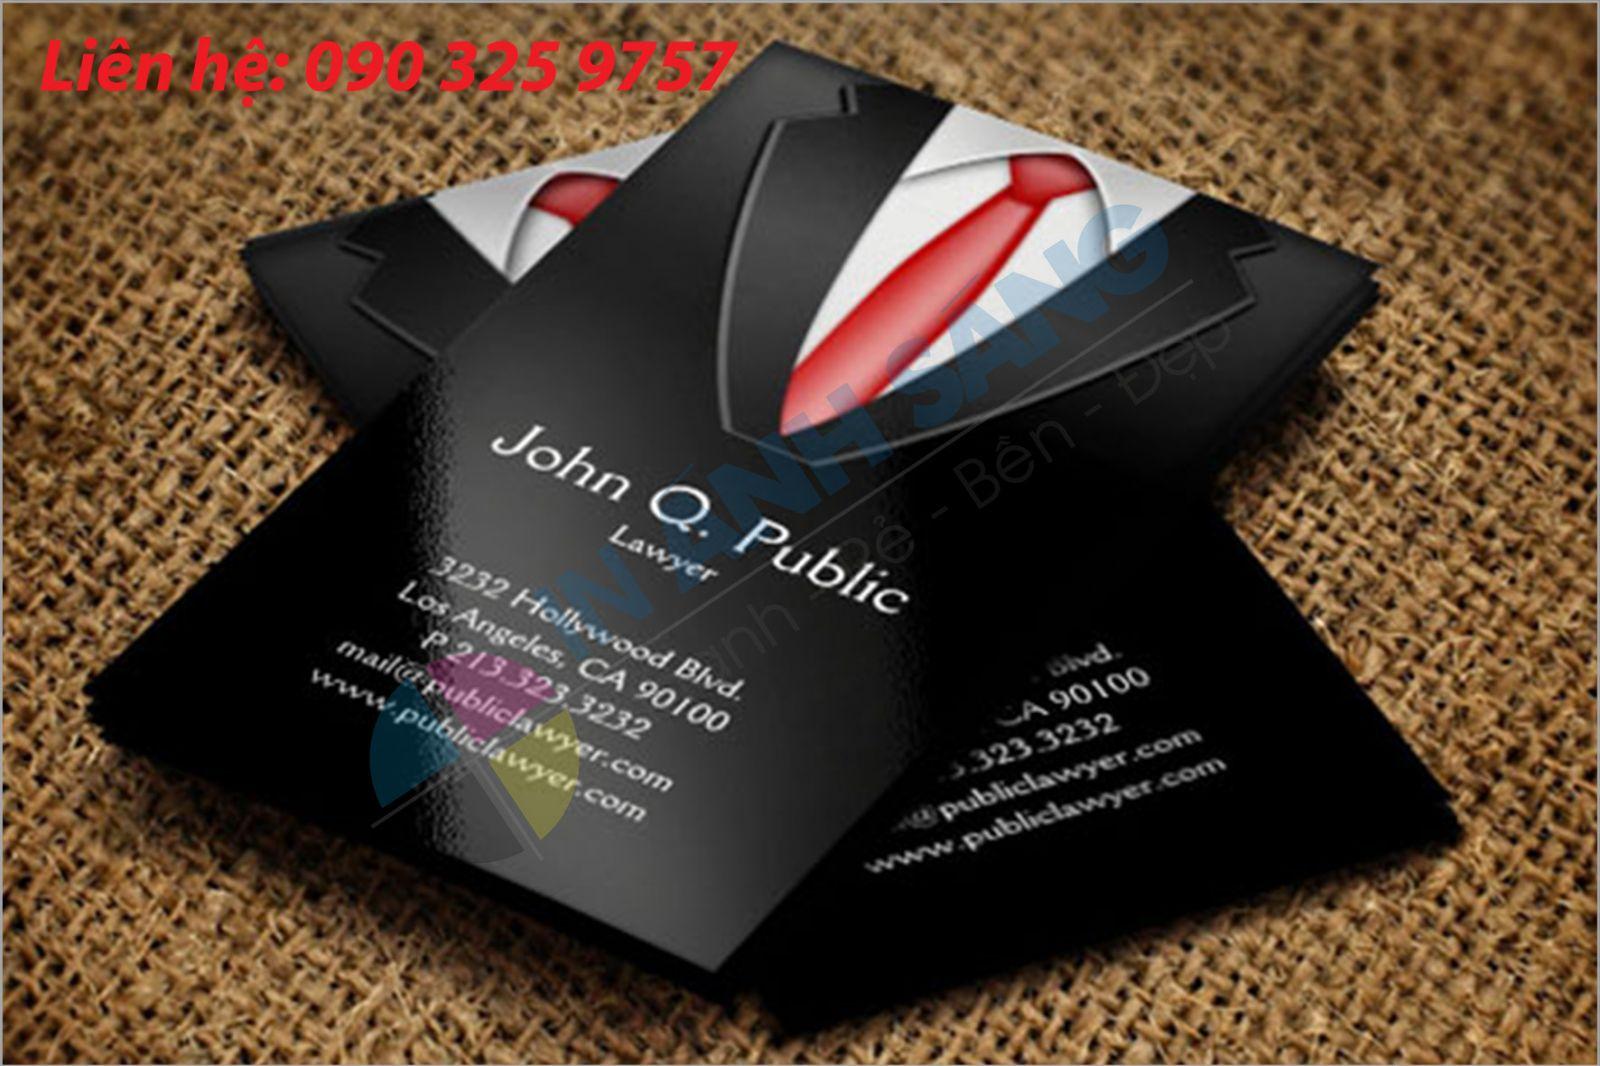 Địa điểm in card visit giá rẻ - chất lượng tại Đống Đa | Ánh Sáng